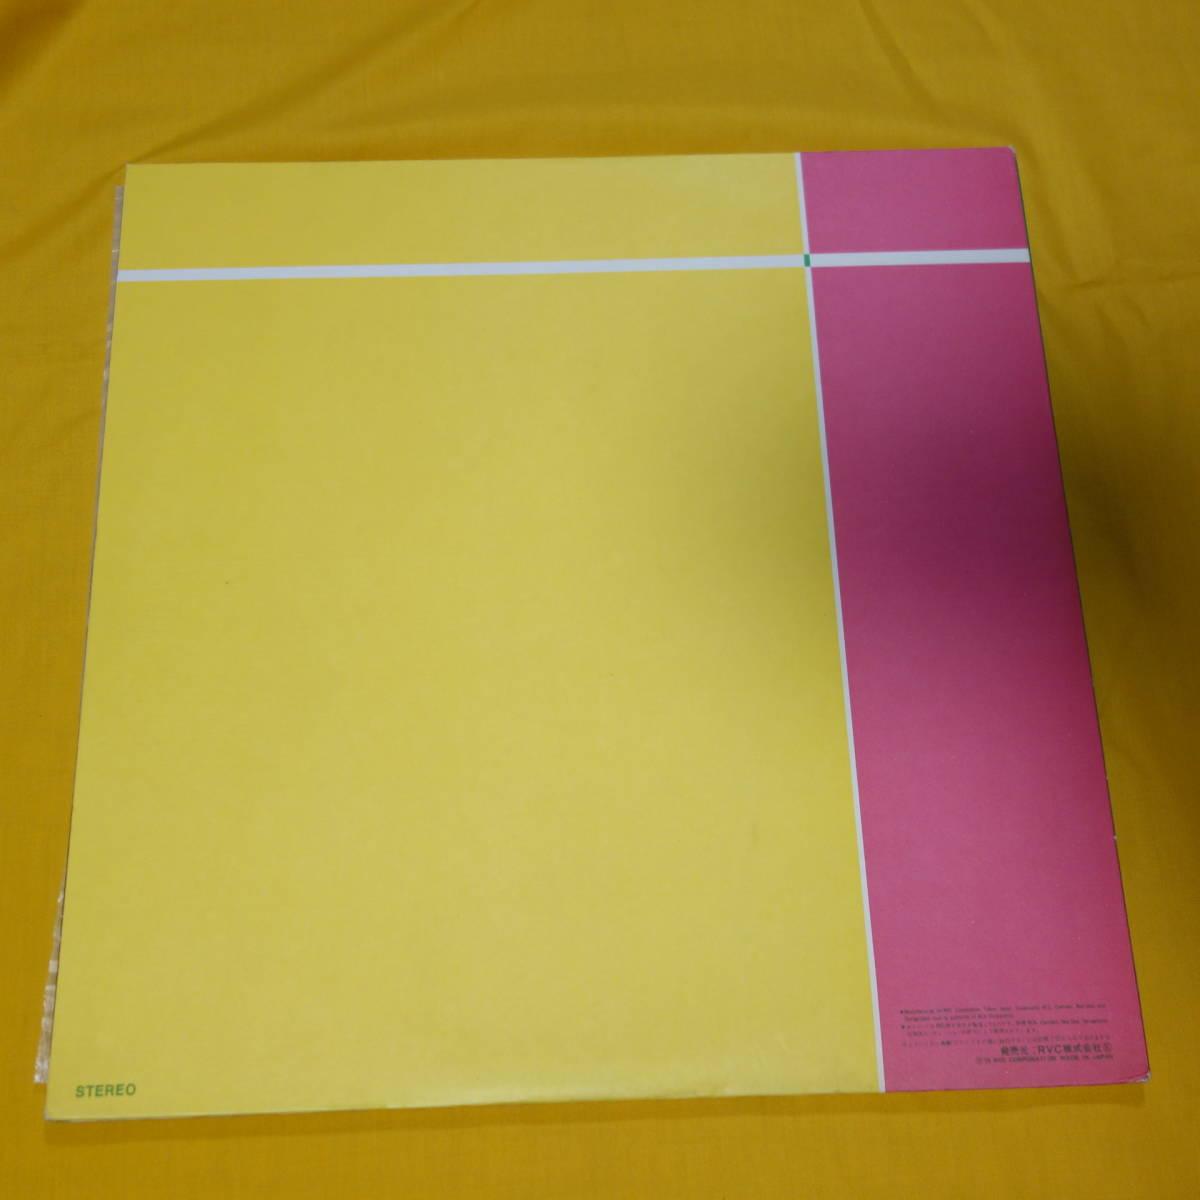 山下達郎 2枚組 RVL-4701~2 IT's A POPPIN' TIME / 帯付き 歌詞カード付き LP レコード アナログ盤 シティーポップ_画像3